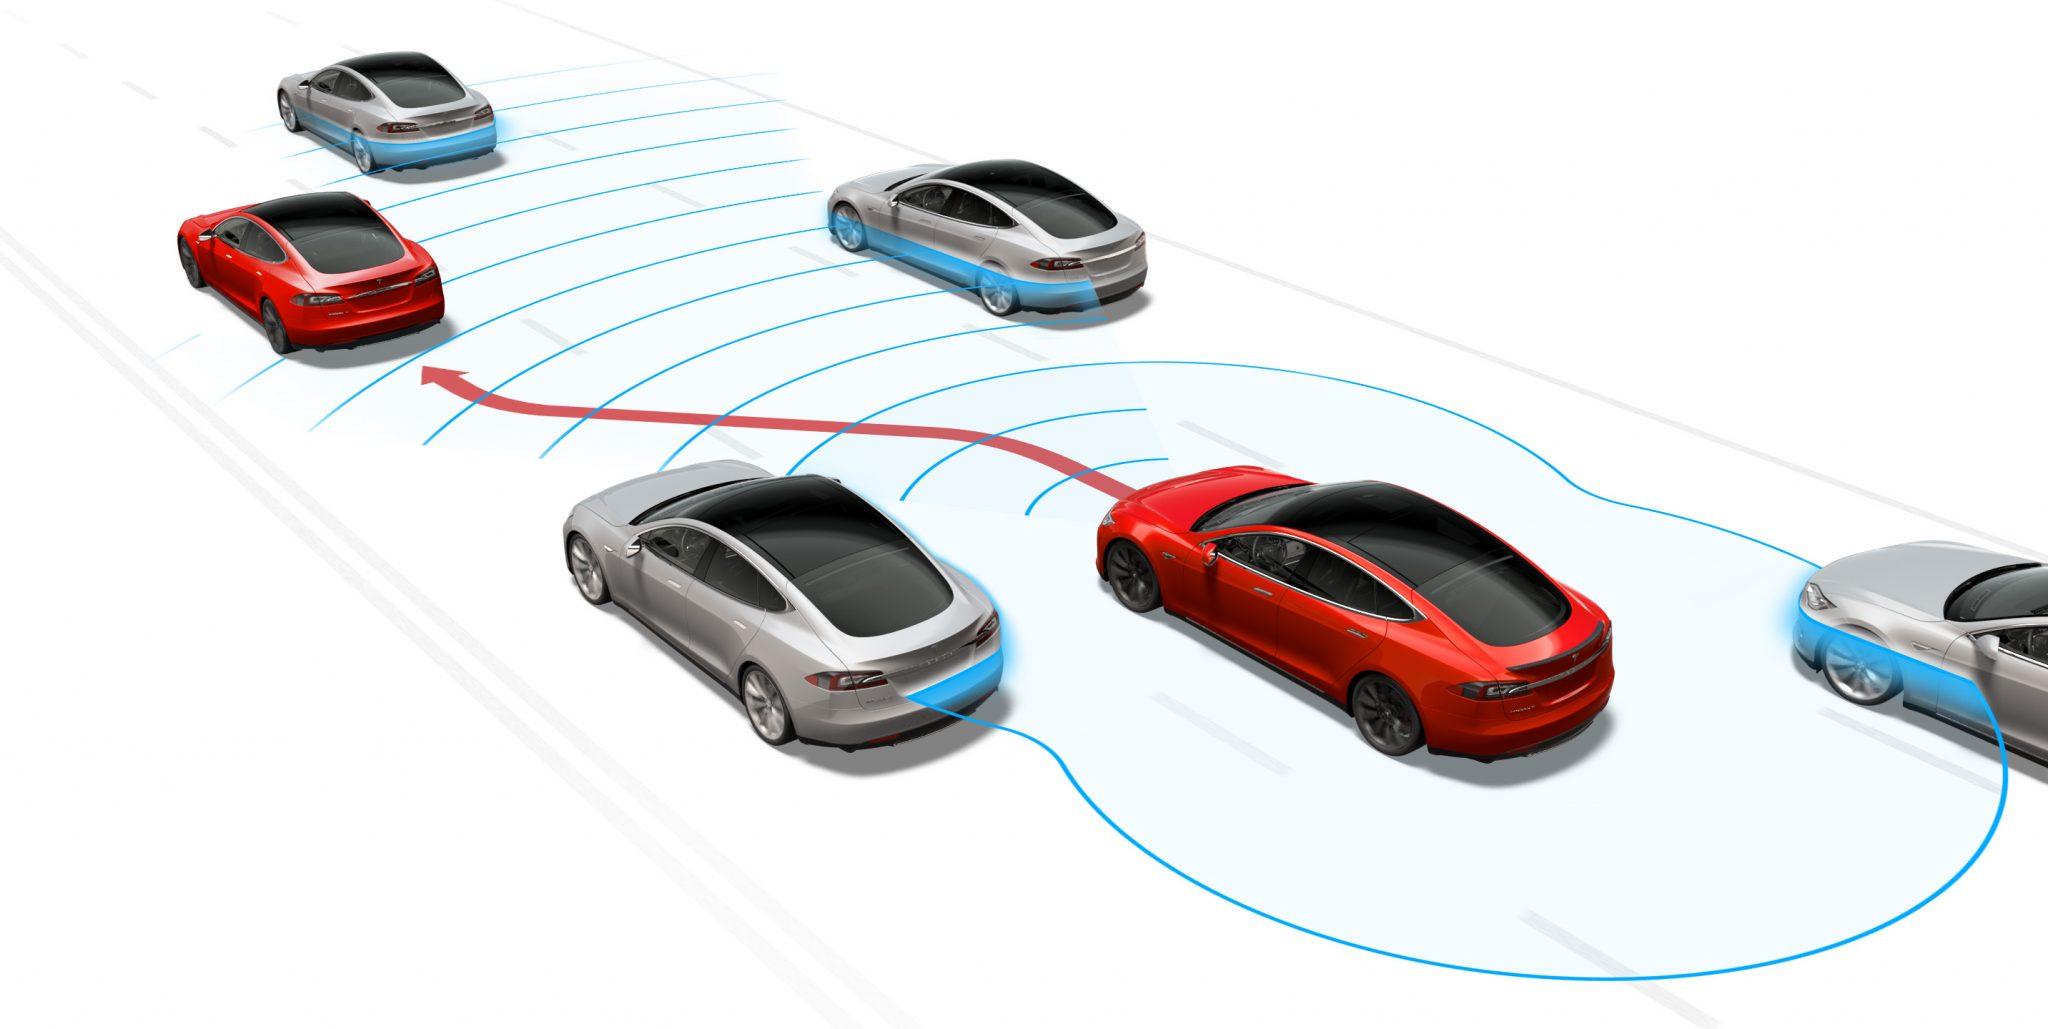 Autonoom rijden gaat niet werken - Tesla Autopilot schema illustratie inhalen